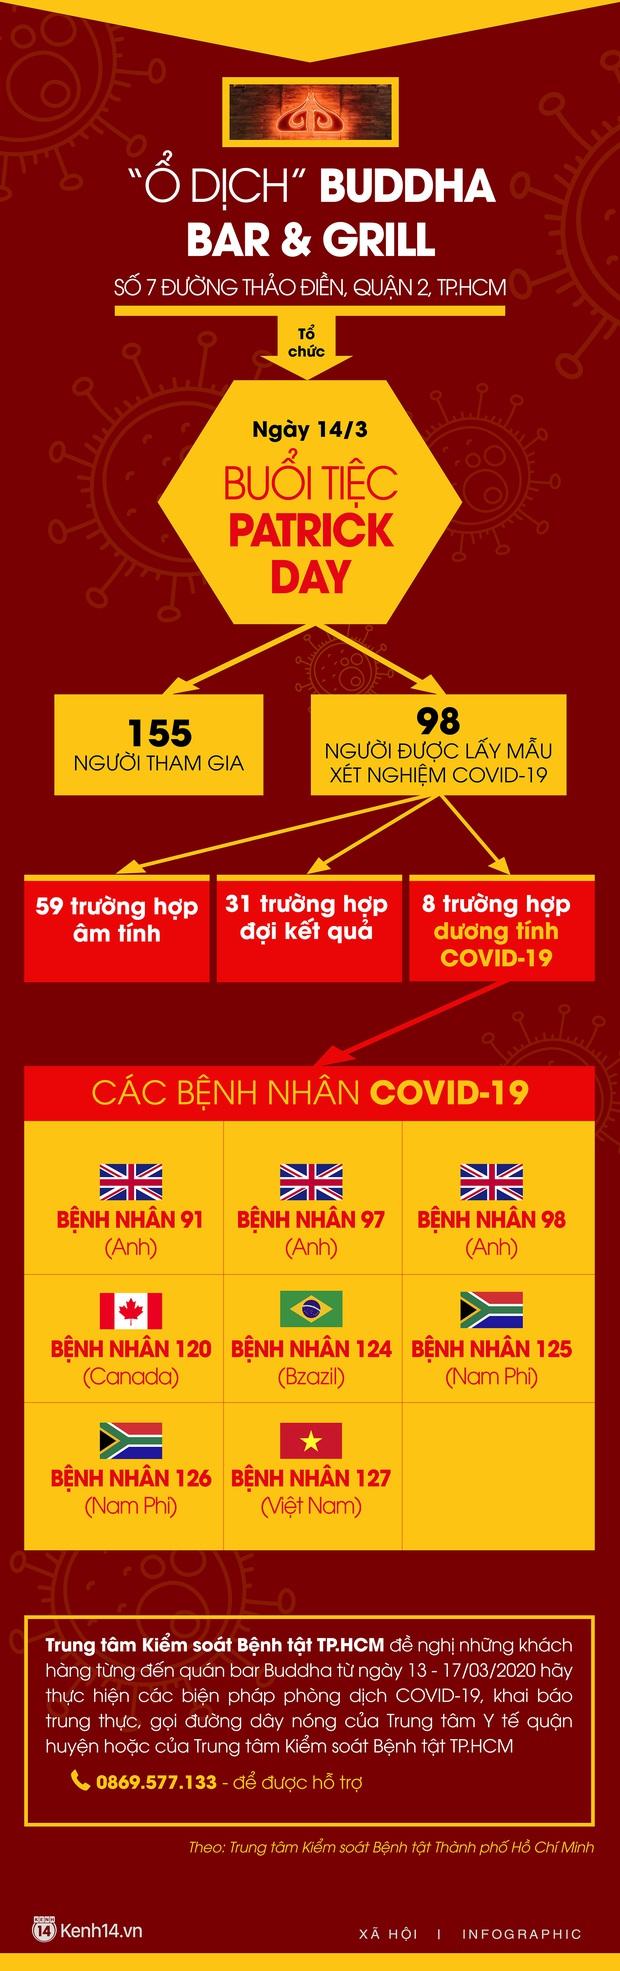 Ổ dịch quán bar Buddha với 155 người tham gia: 8 người dương tính Covid-19, yêu cầu khách đến quán vào ngày 13-17/3 khai báo sức khoẻ - Ảnh 2.